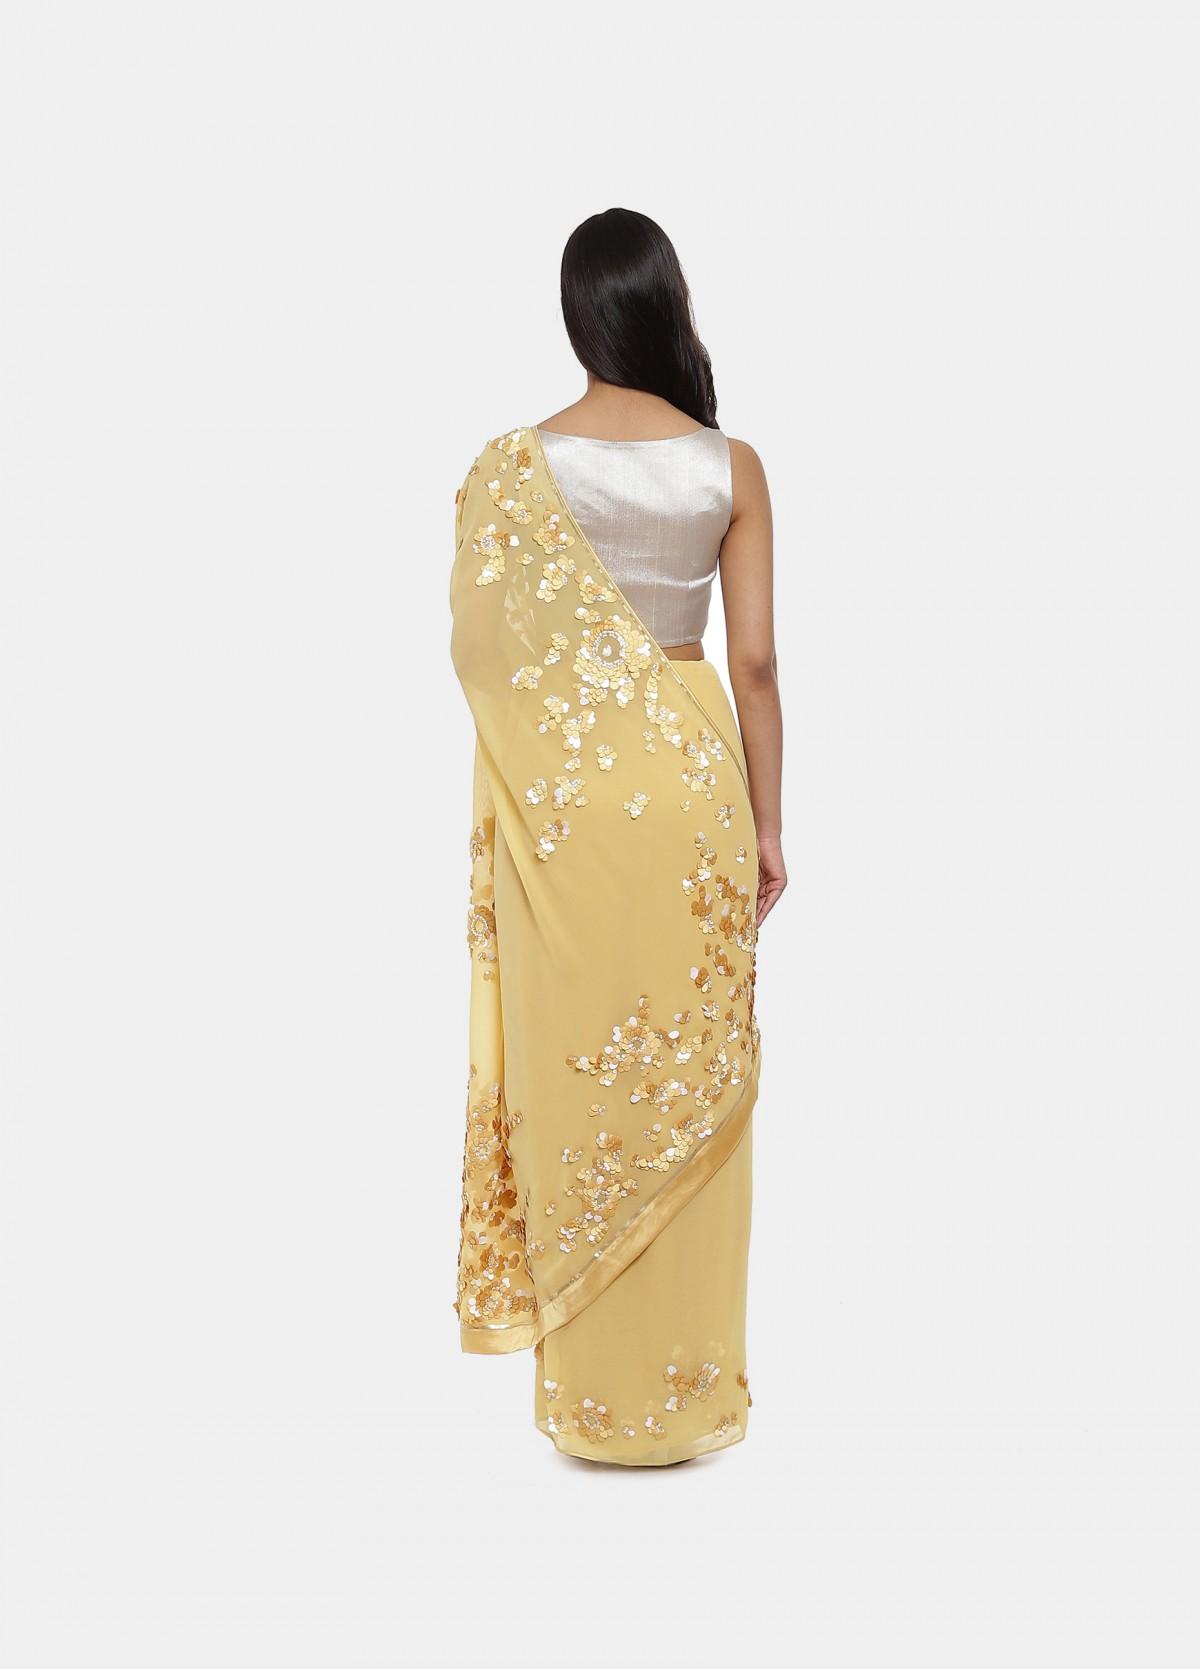 The Bagan Sari